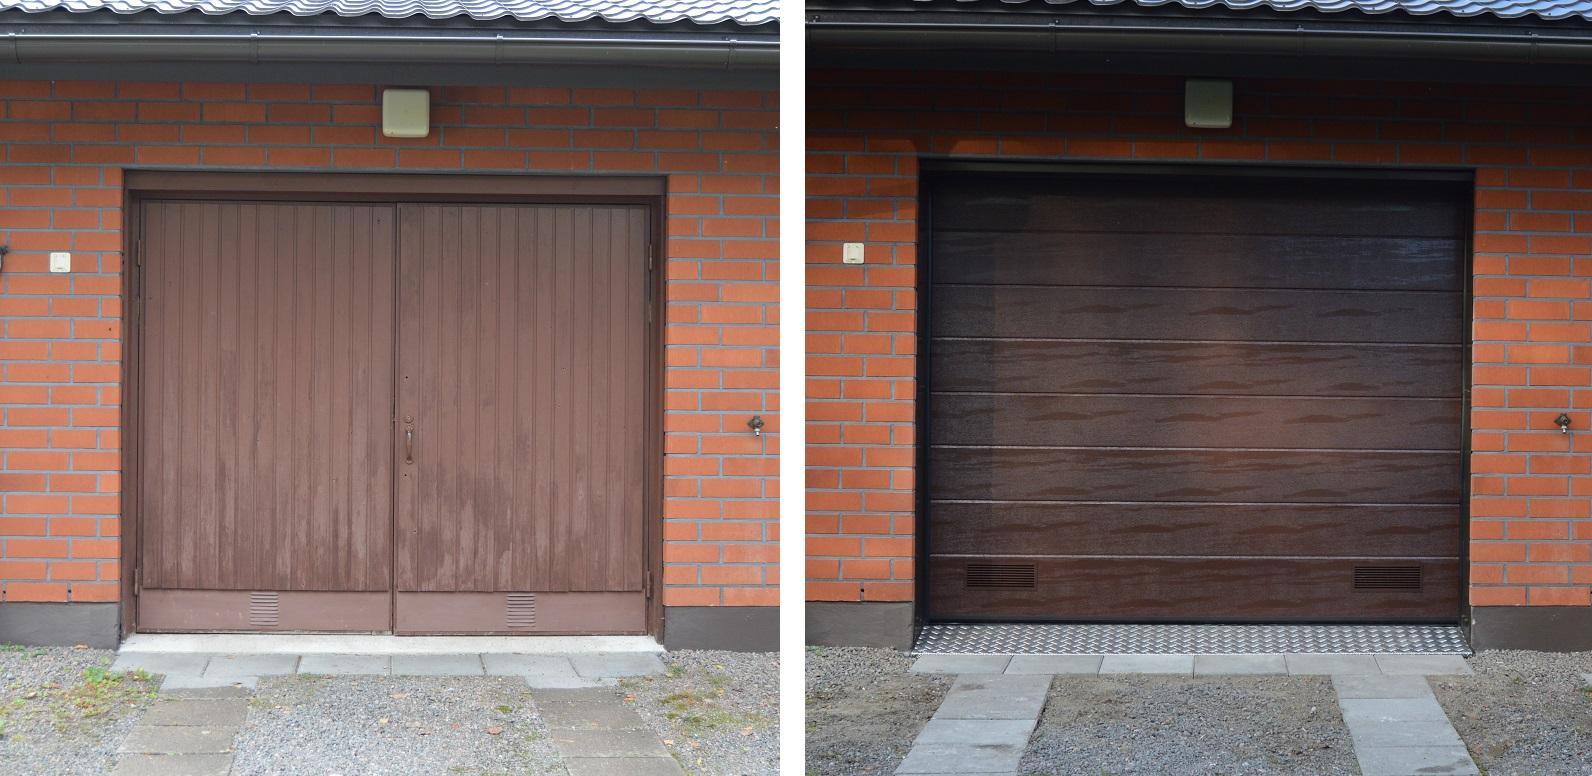 nosto-ovi ennen ja jälkeen asennuksen